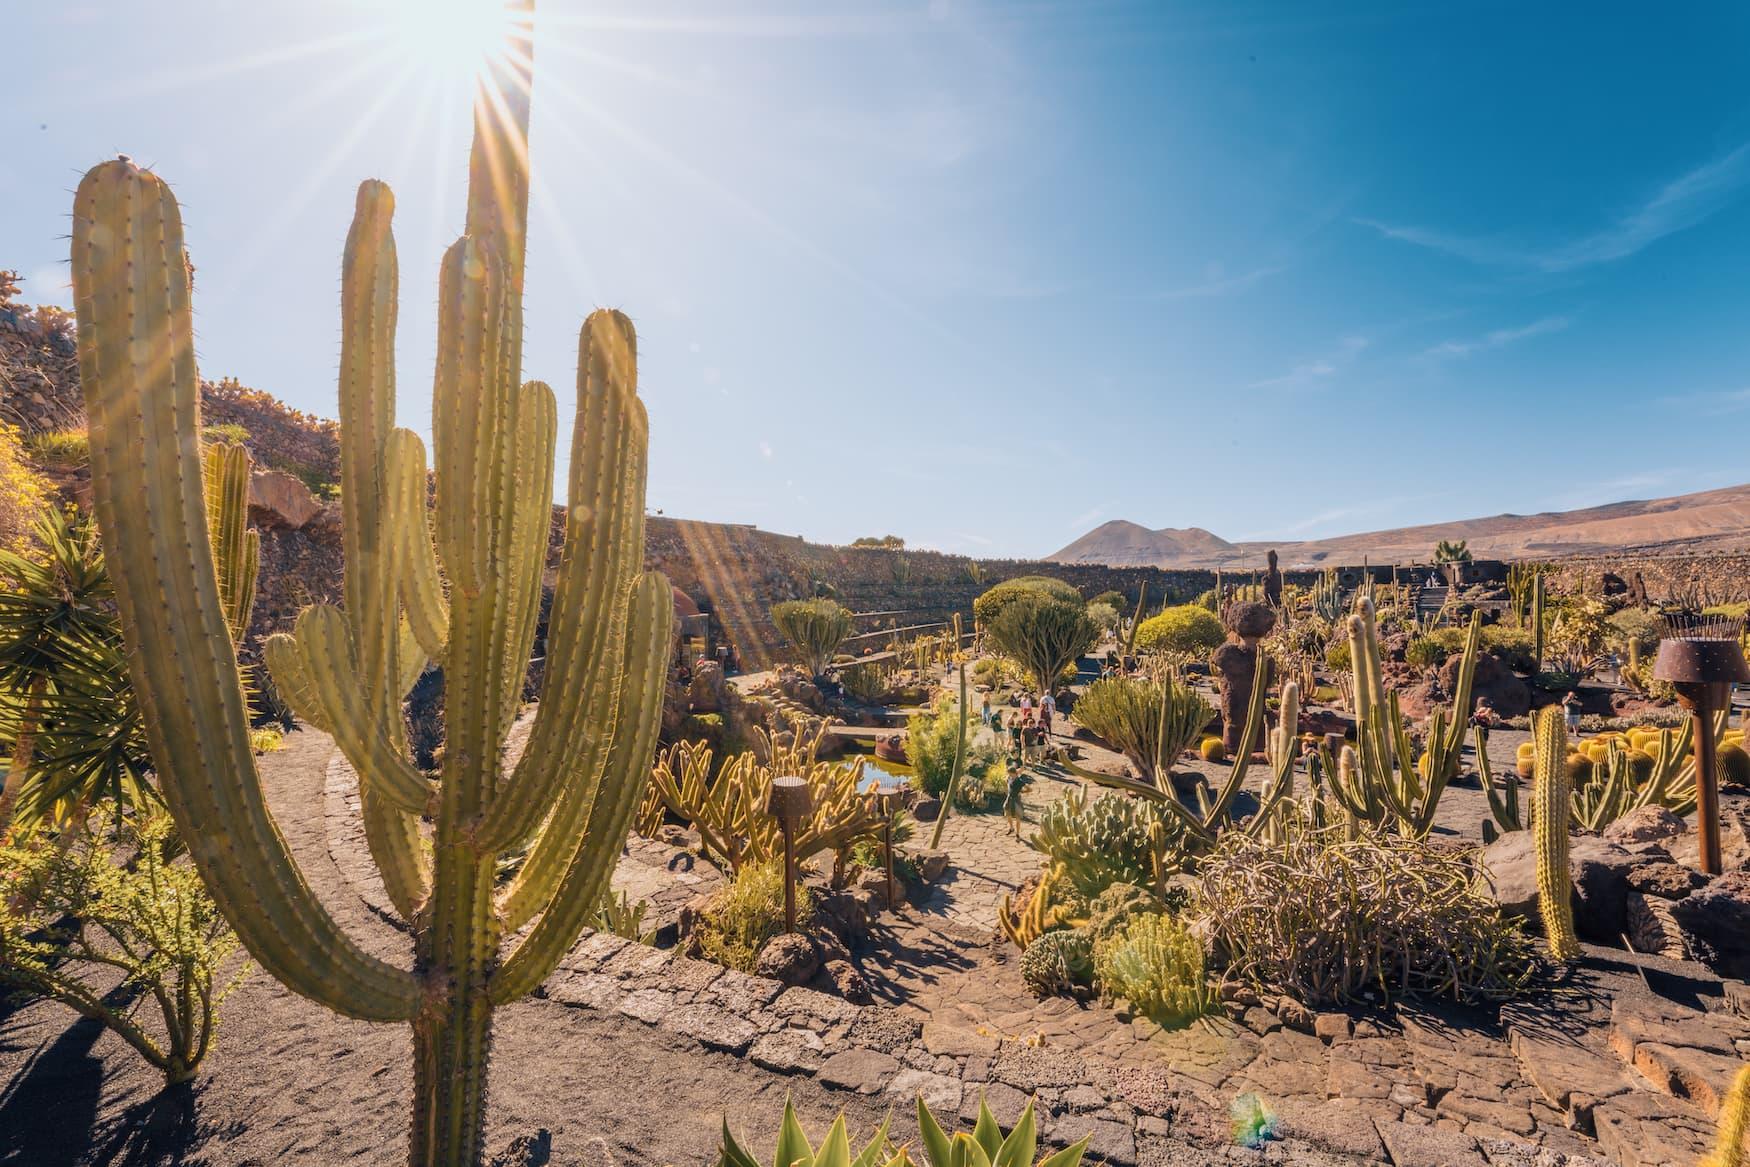 Jardín de Cactus auf Lanzarote des Künstlers Cesar Manrique